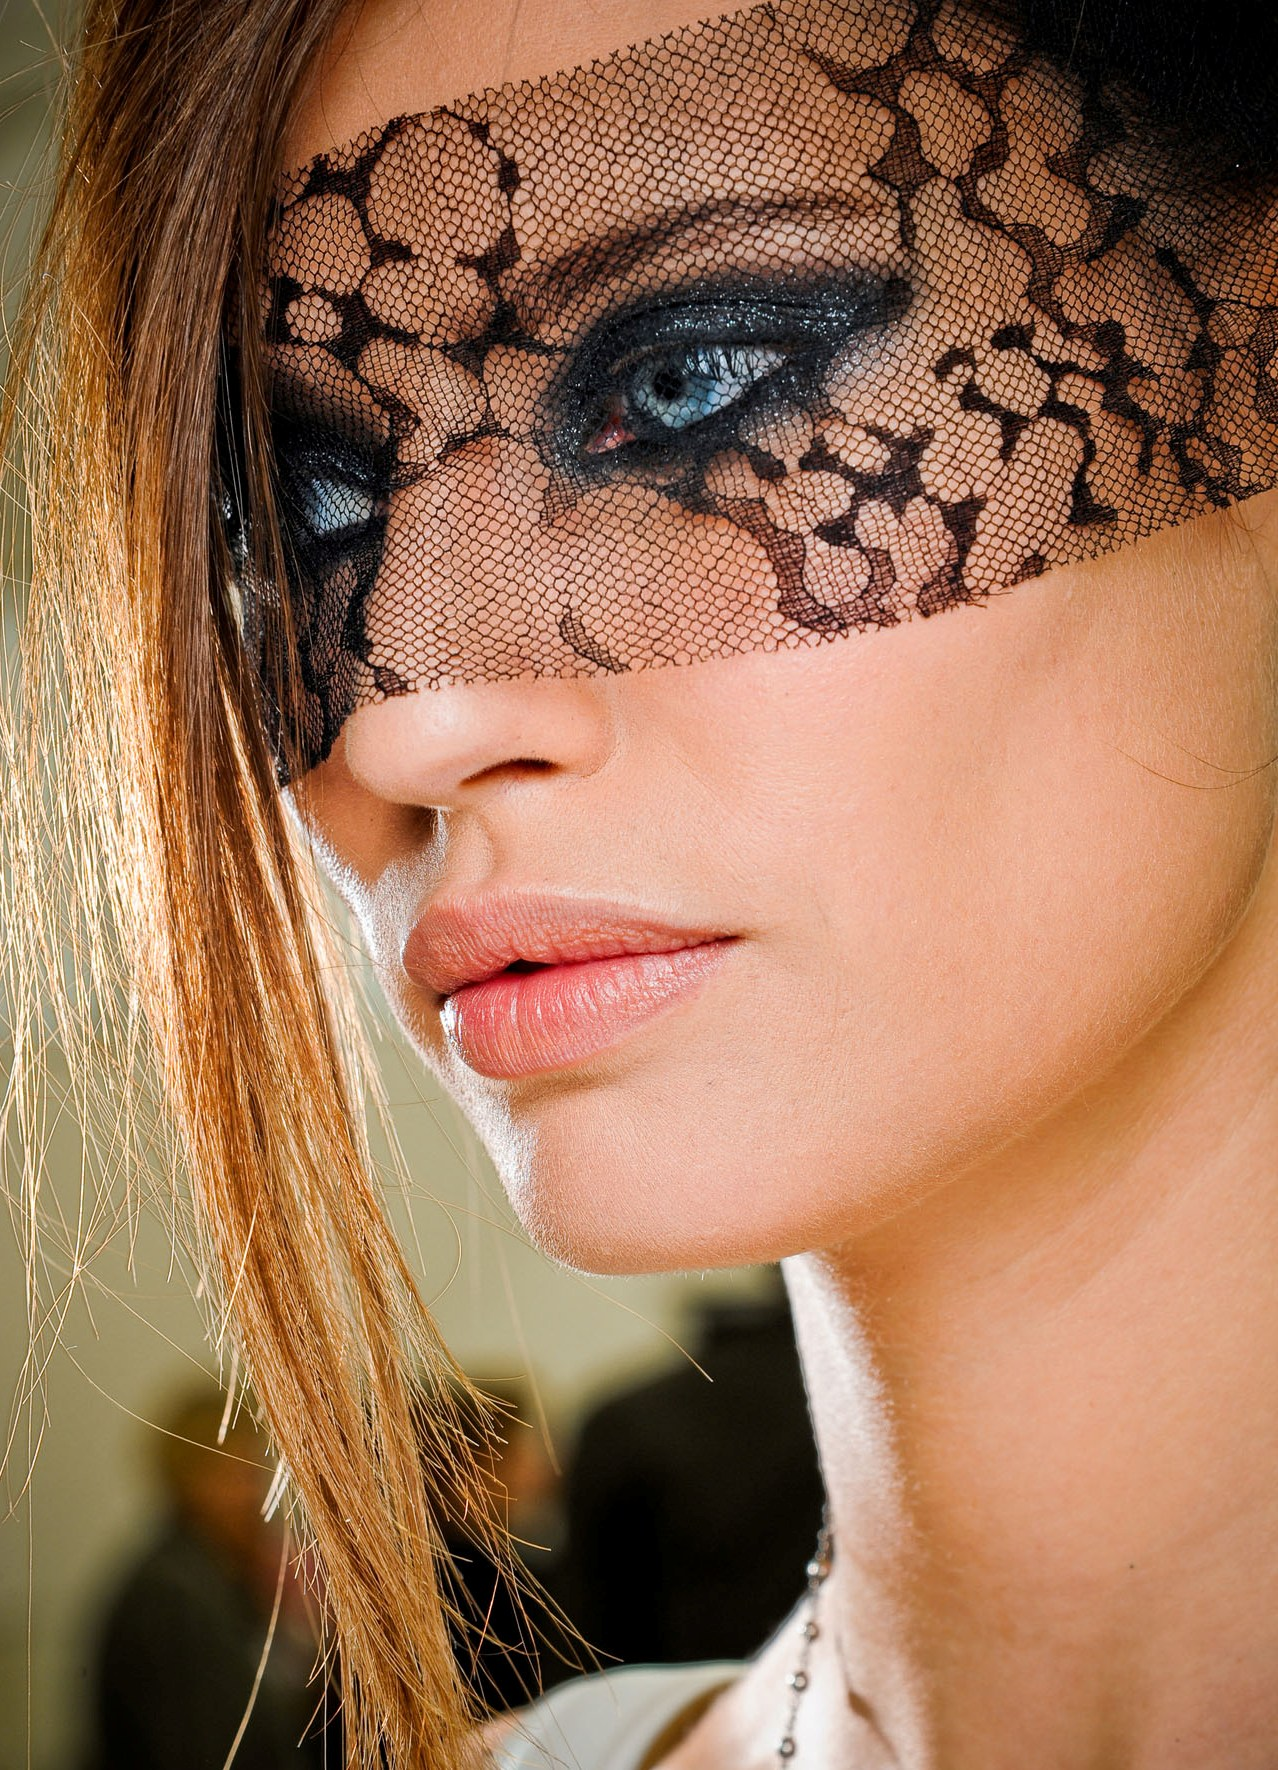 Шьем эротическую повязку для глаз, рачком голые бабы фото